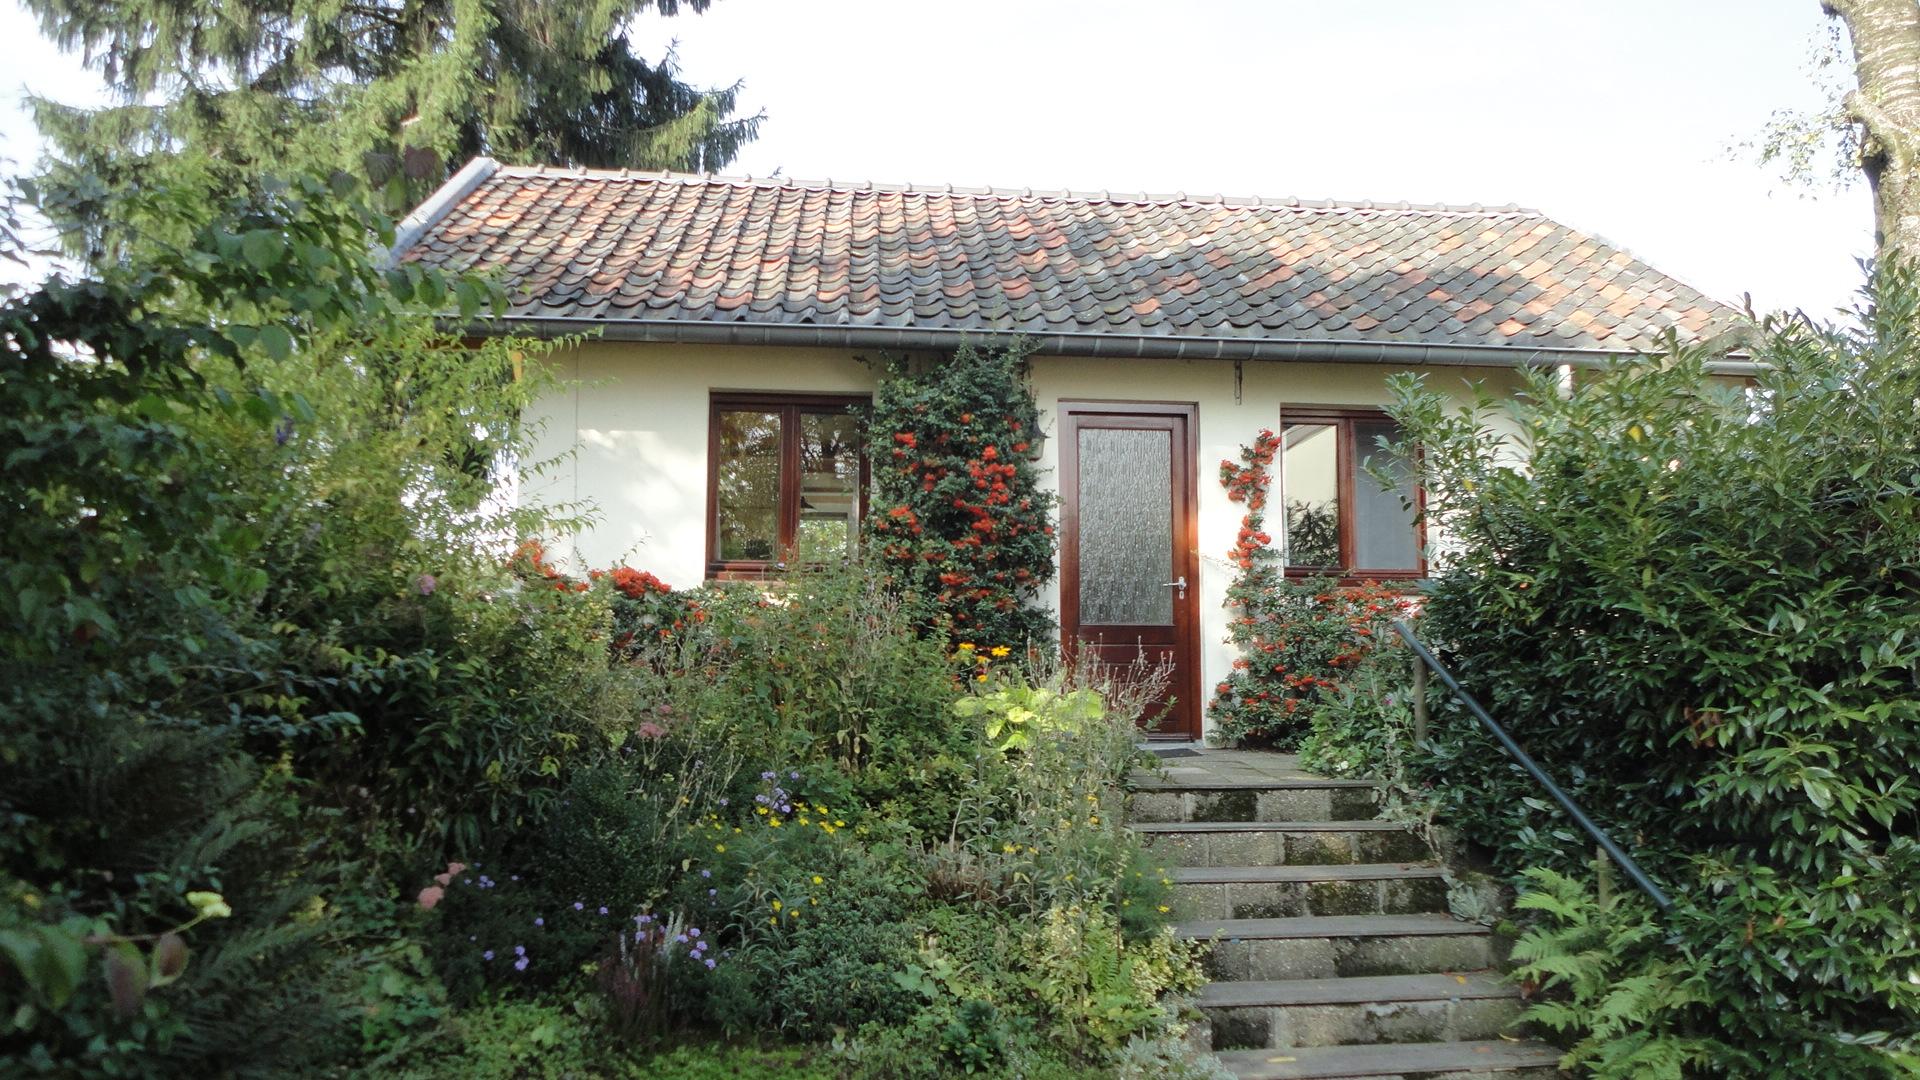 voorzijde van de bungalow